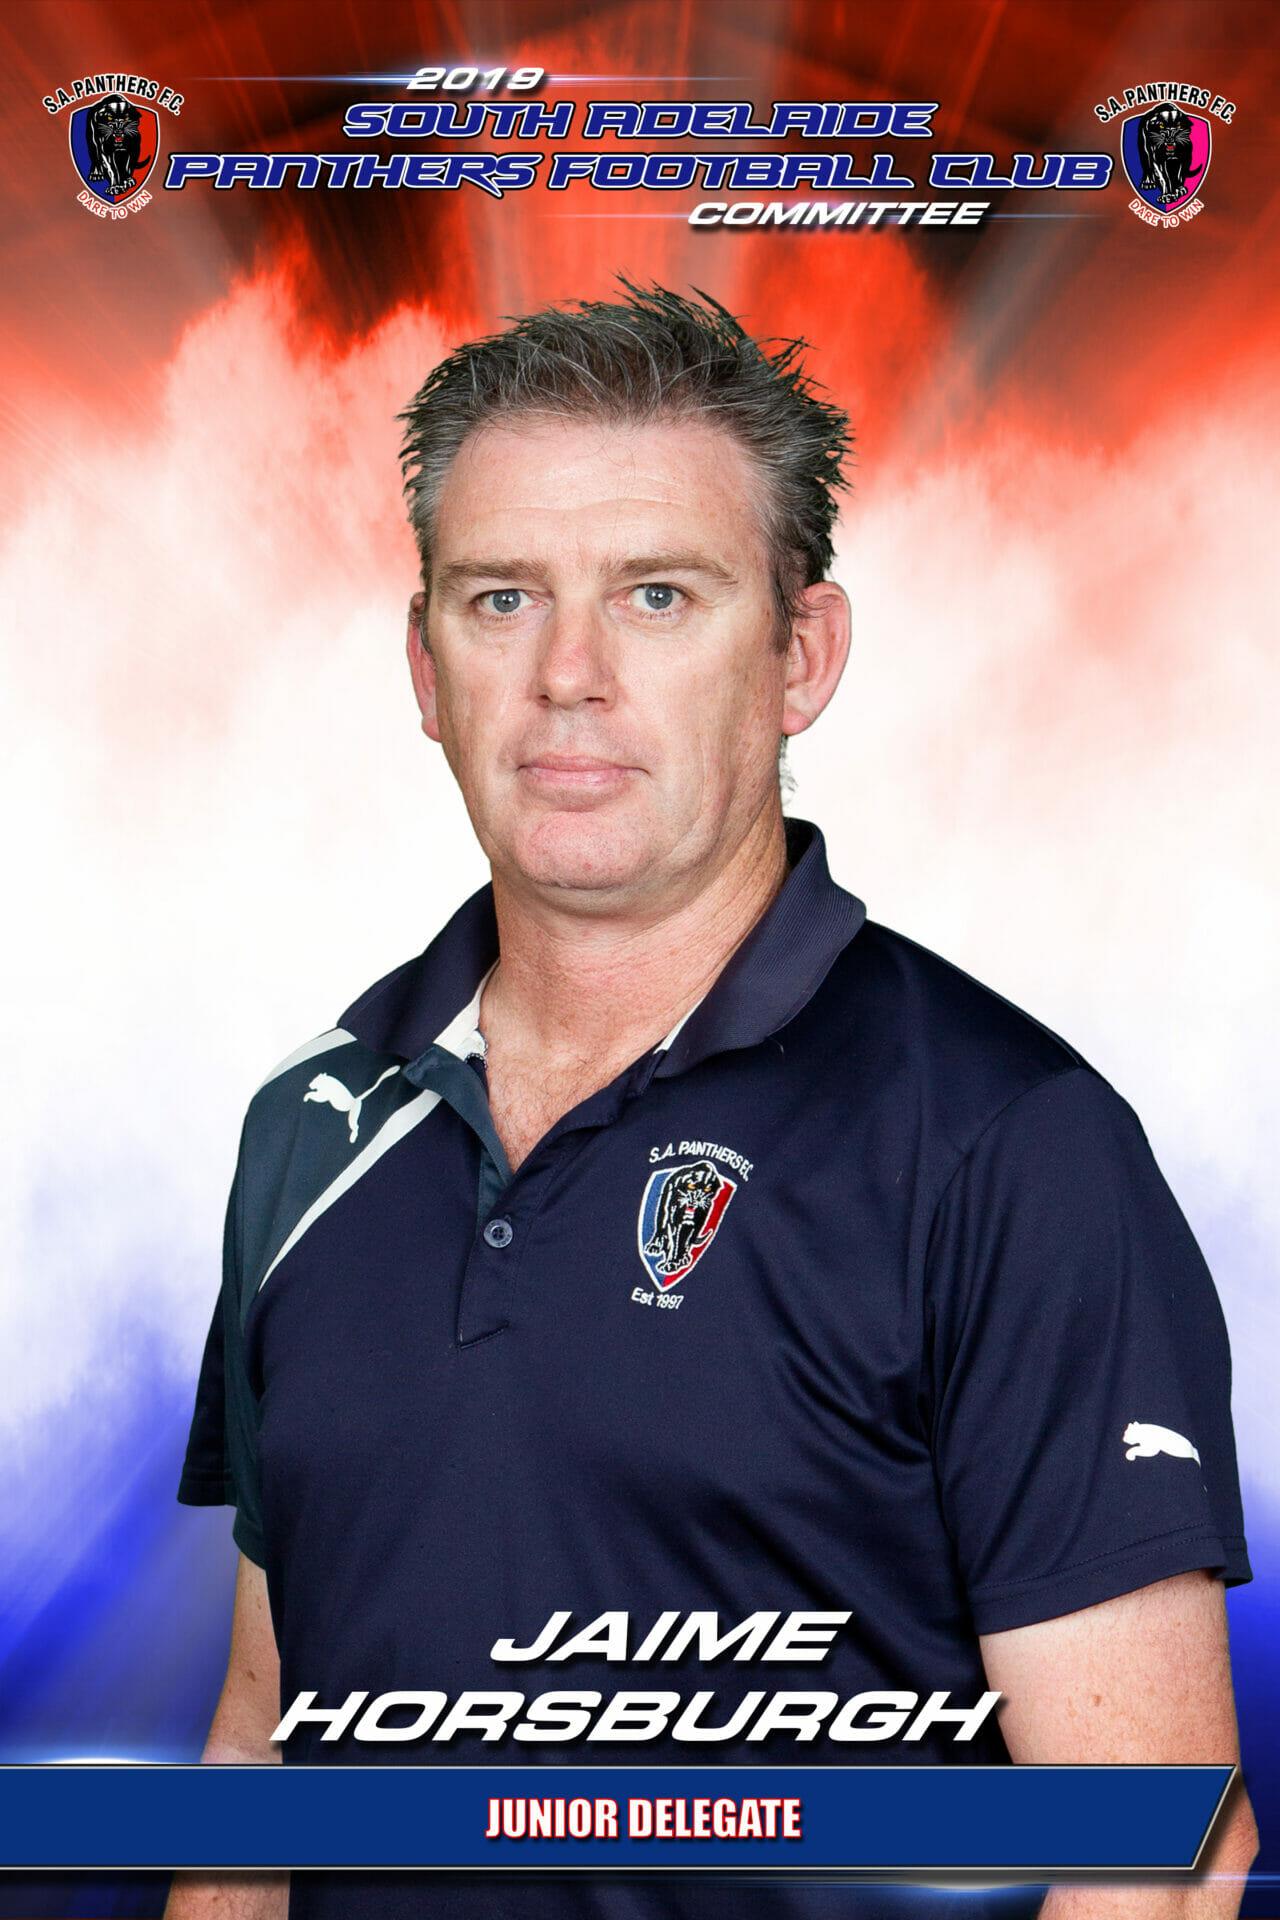 Jamie Horsburgh